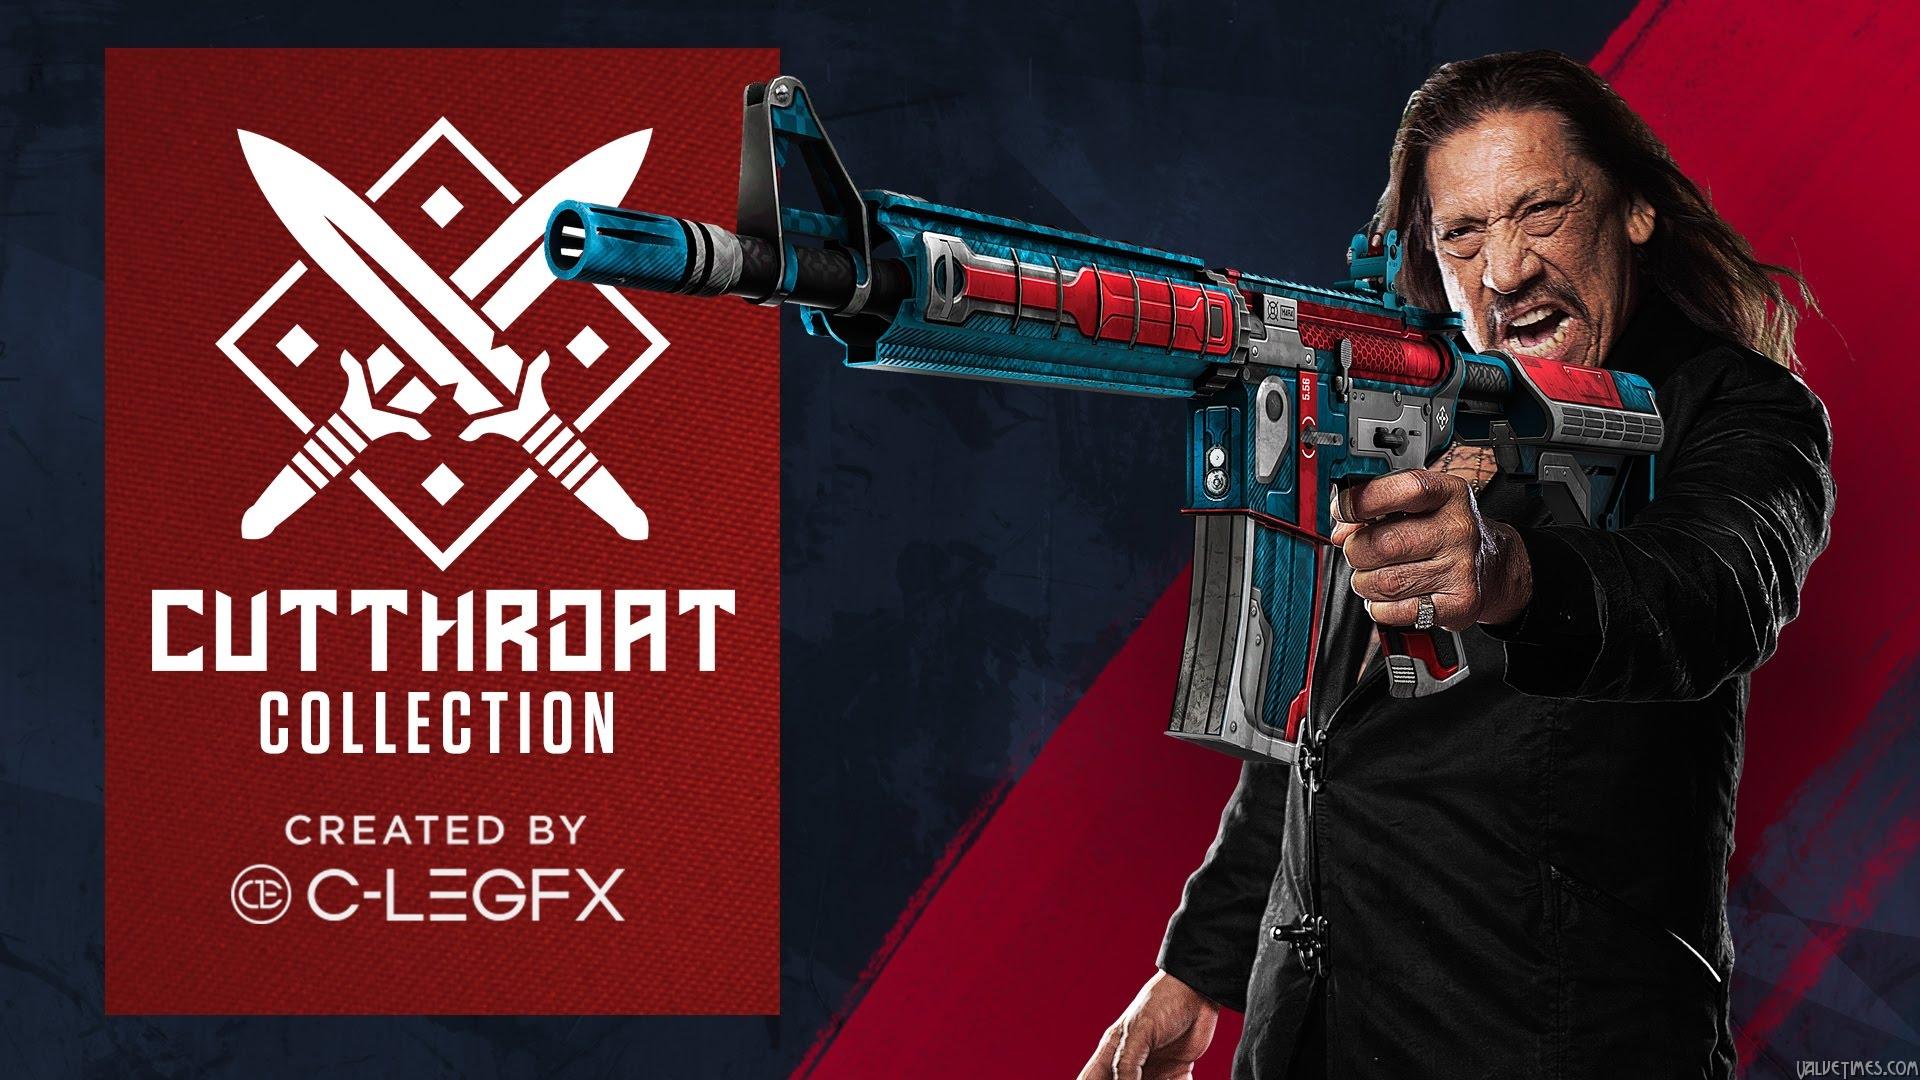 Мастерская CS:GO — Актёр Дэнни Трехо рекламирует скин оружия.